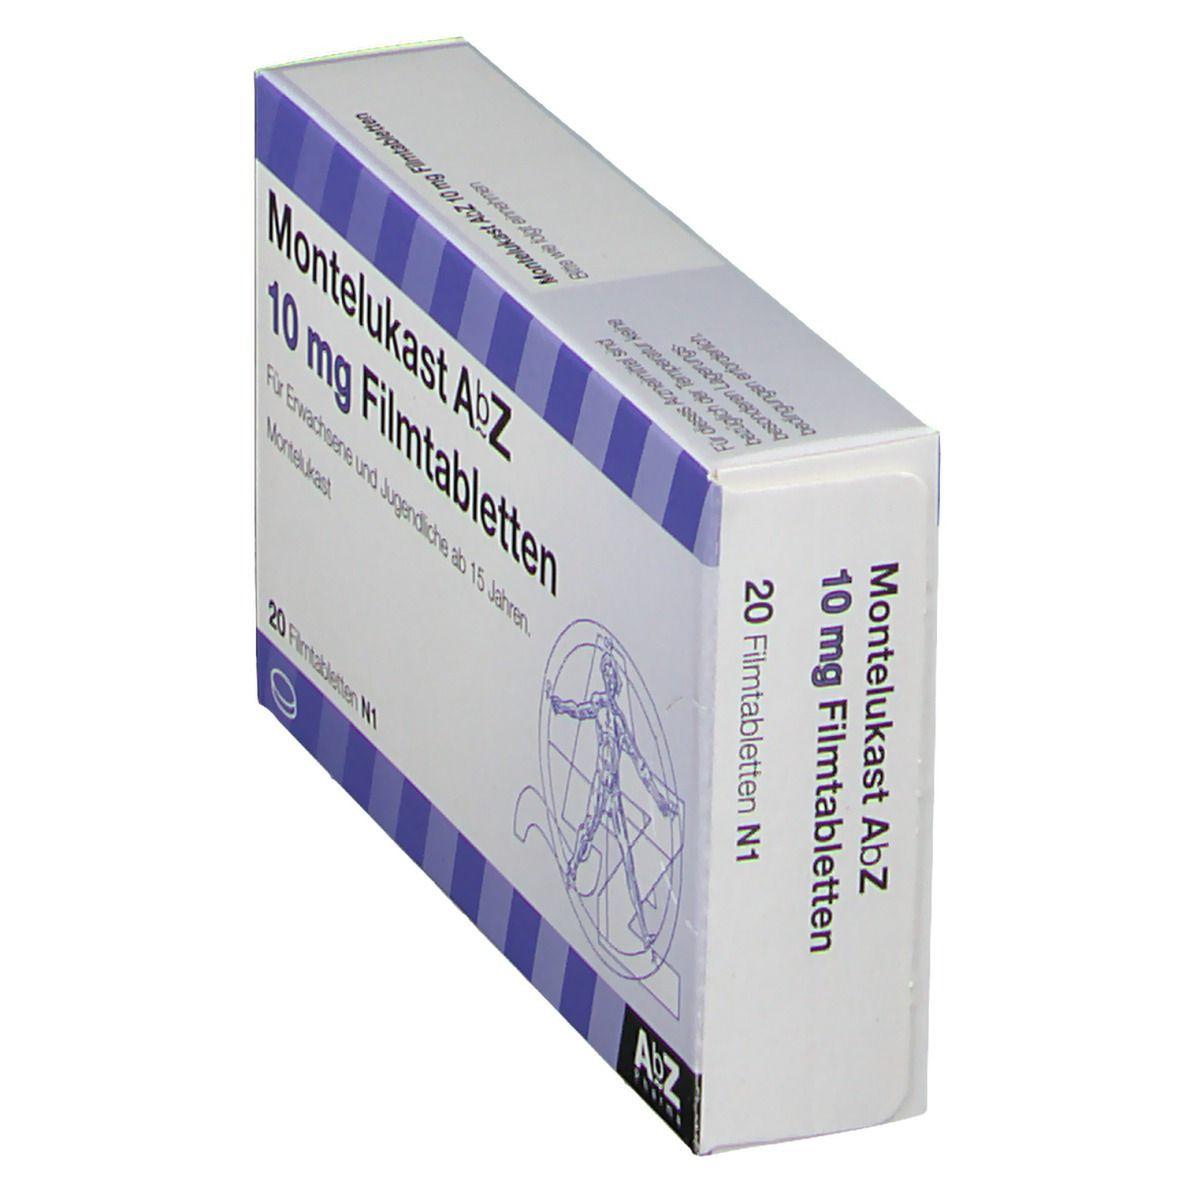 MONTELUKAST AbZ 10 mg 20 St - shop-apotheke.com